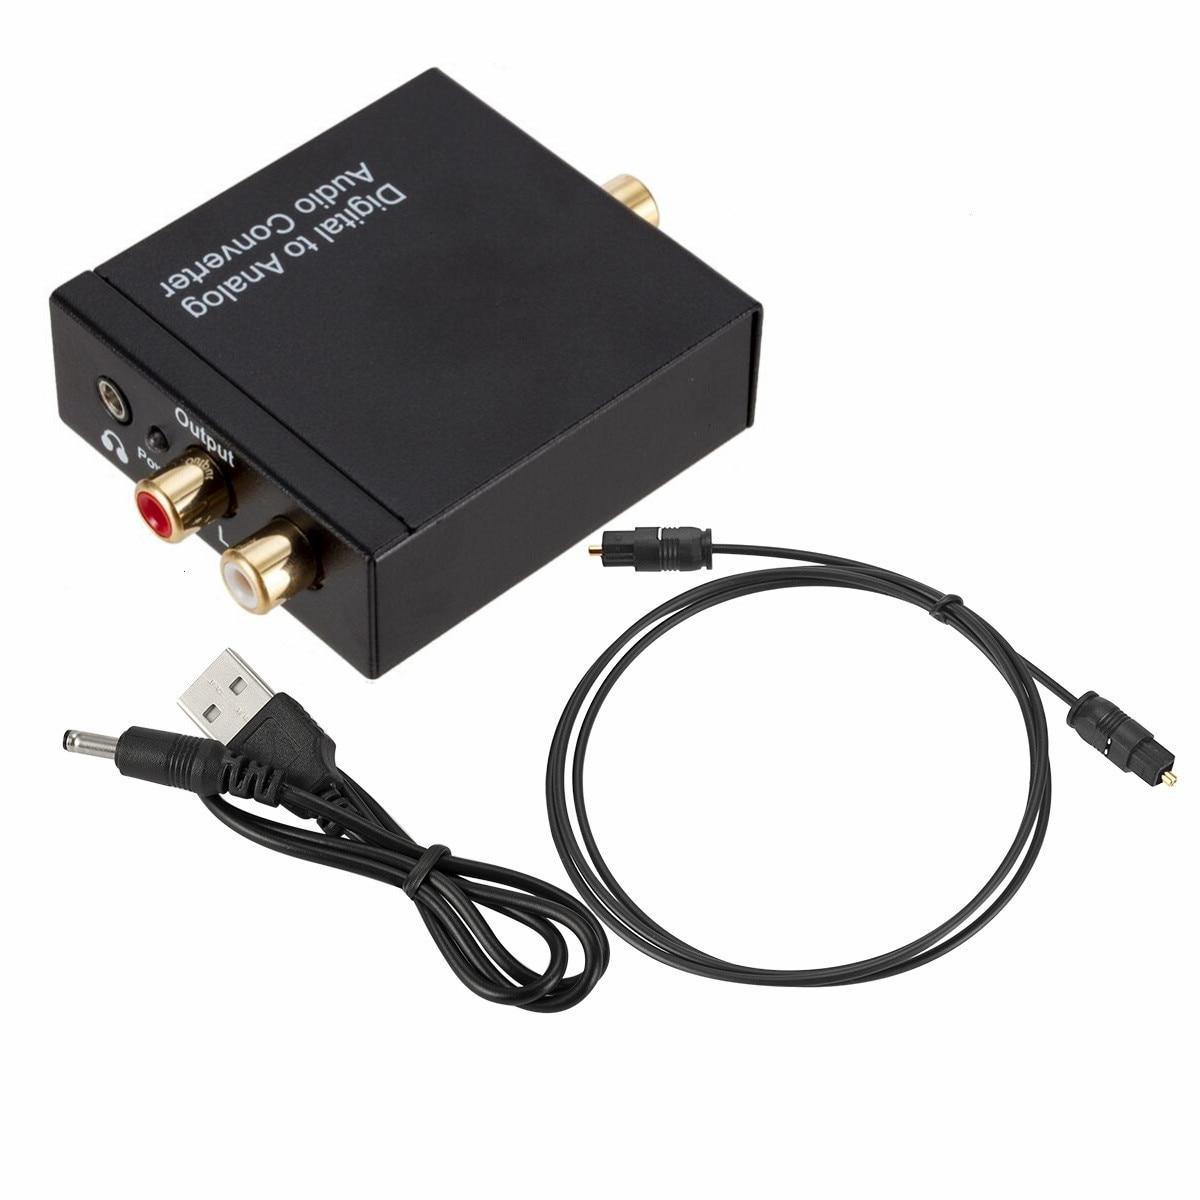 3,5mm Jack Zu 2rca Toslink Koaxial Optische Digitale Faser Zu Analog Audio Aux L/r Konverter Spdif Digital Audio Decoder Verstärker Tragbares Audio & Video